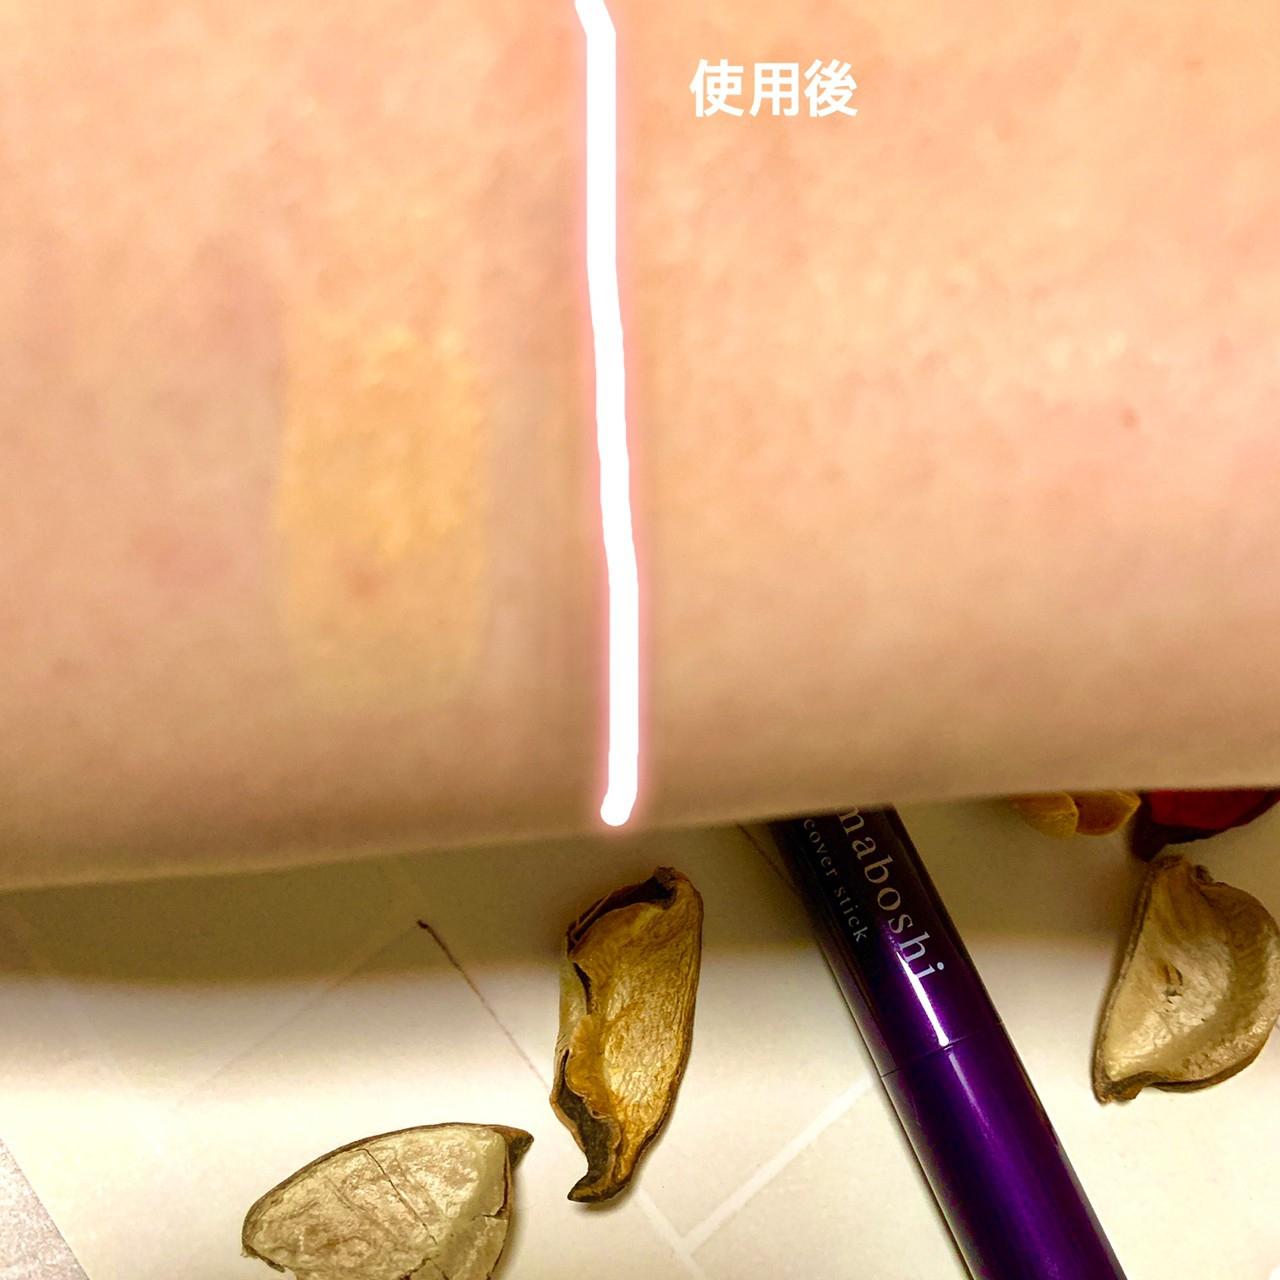 shimaboshi(シマボシ) ホワイトカバースティックの良い点・メリットに関するkana_cafe_timeさんの口コミ画像3